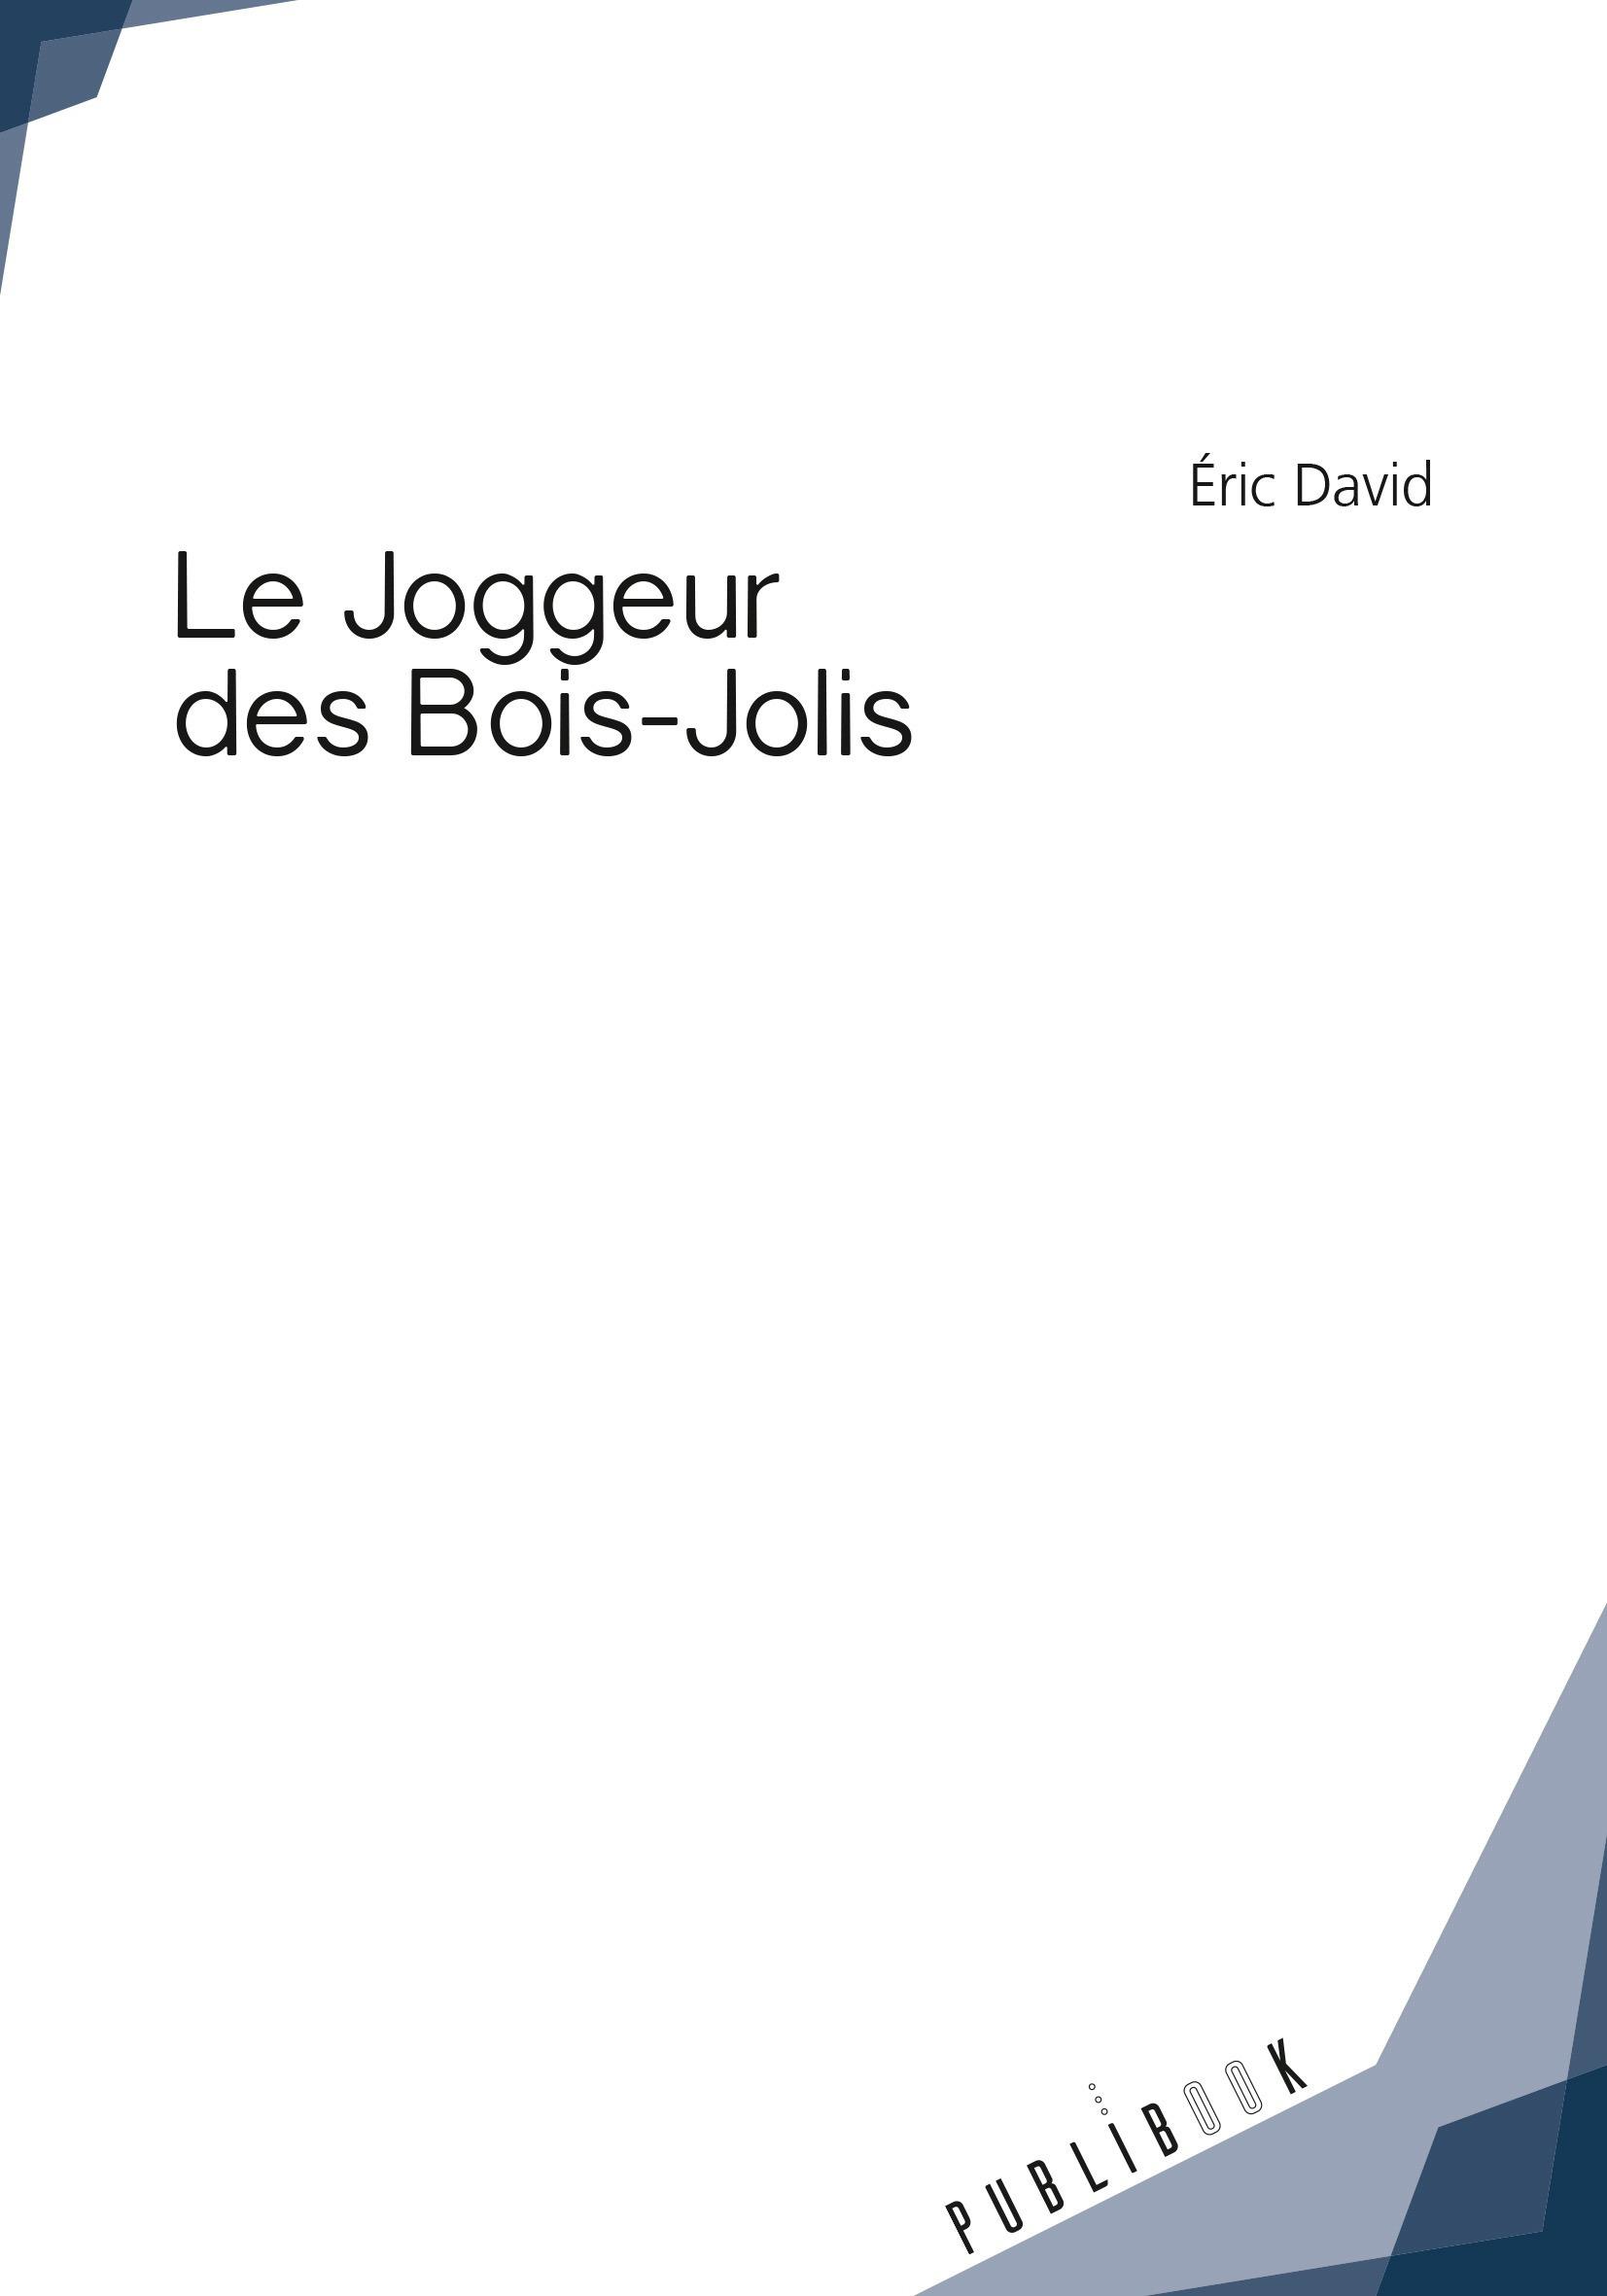 Le Joggeur des Bois-Jolis